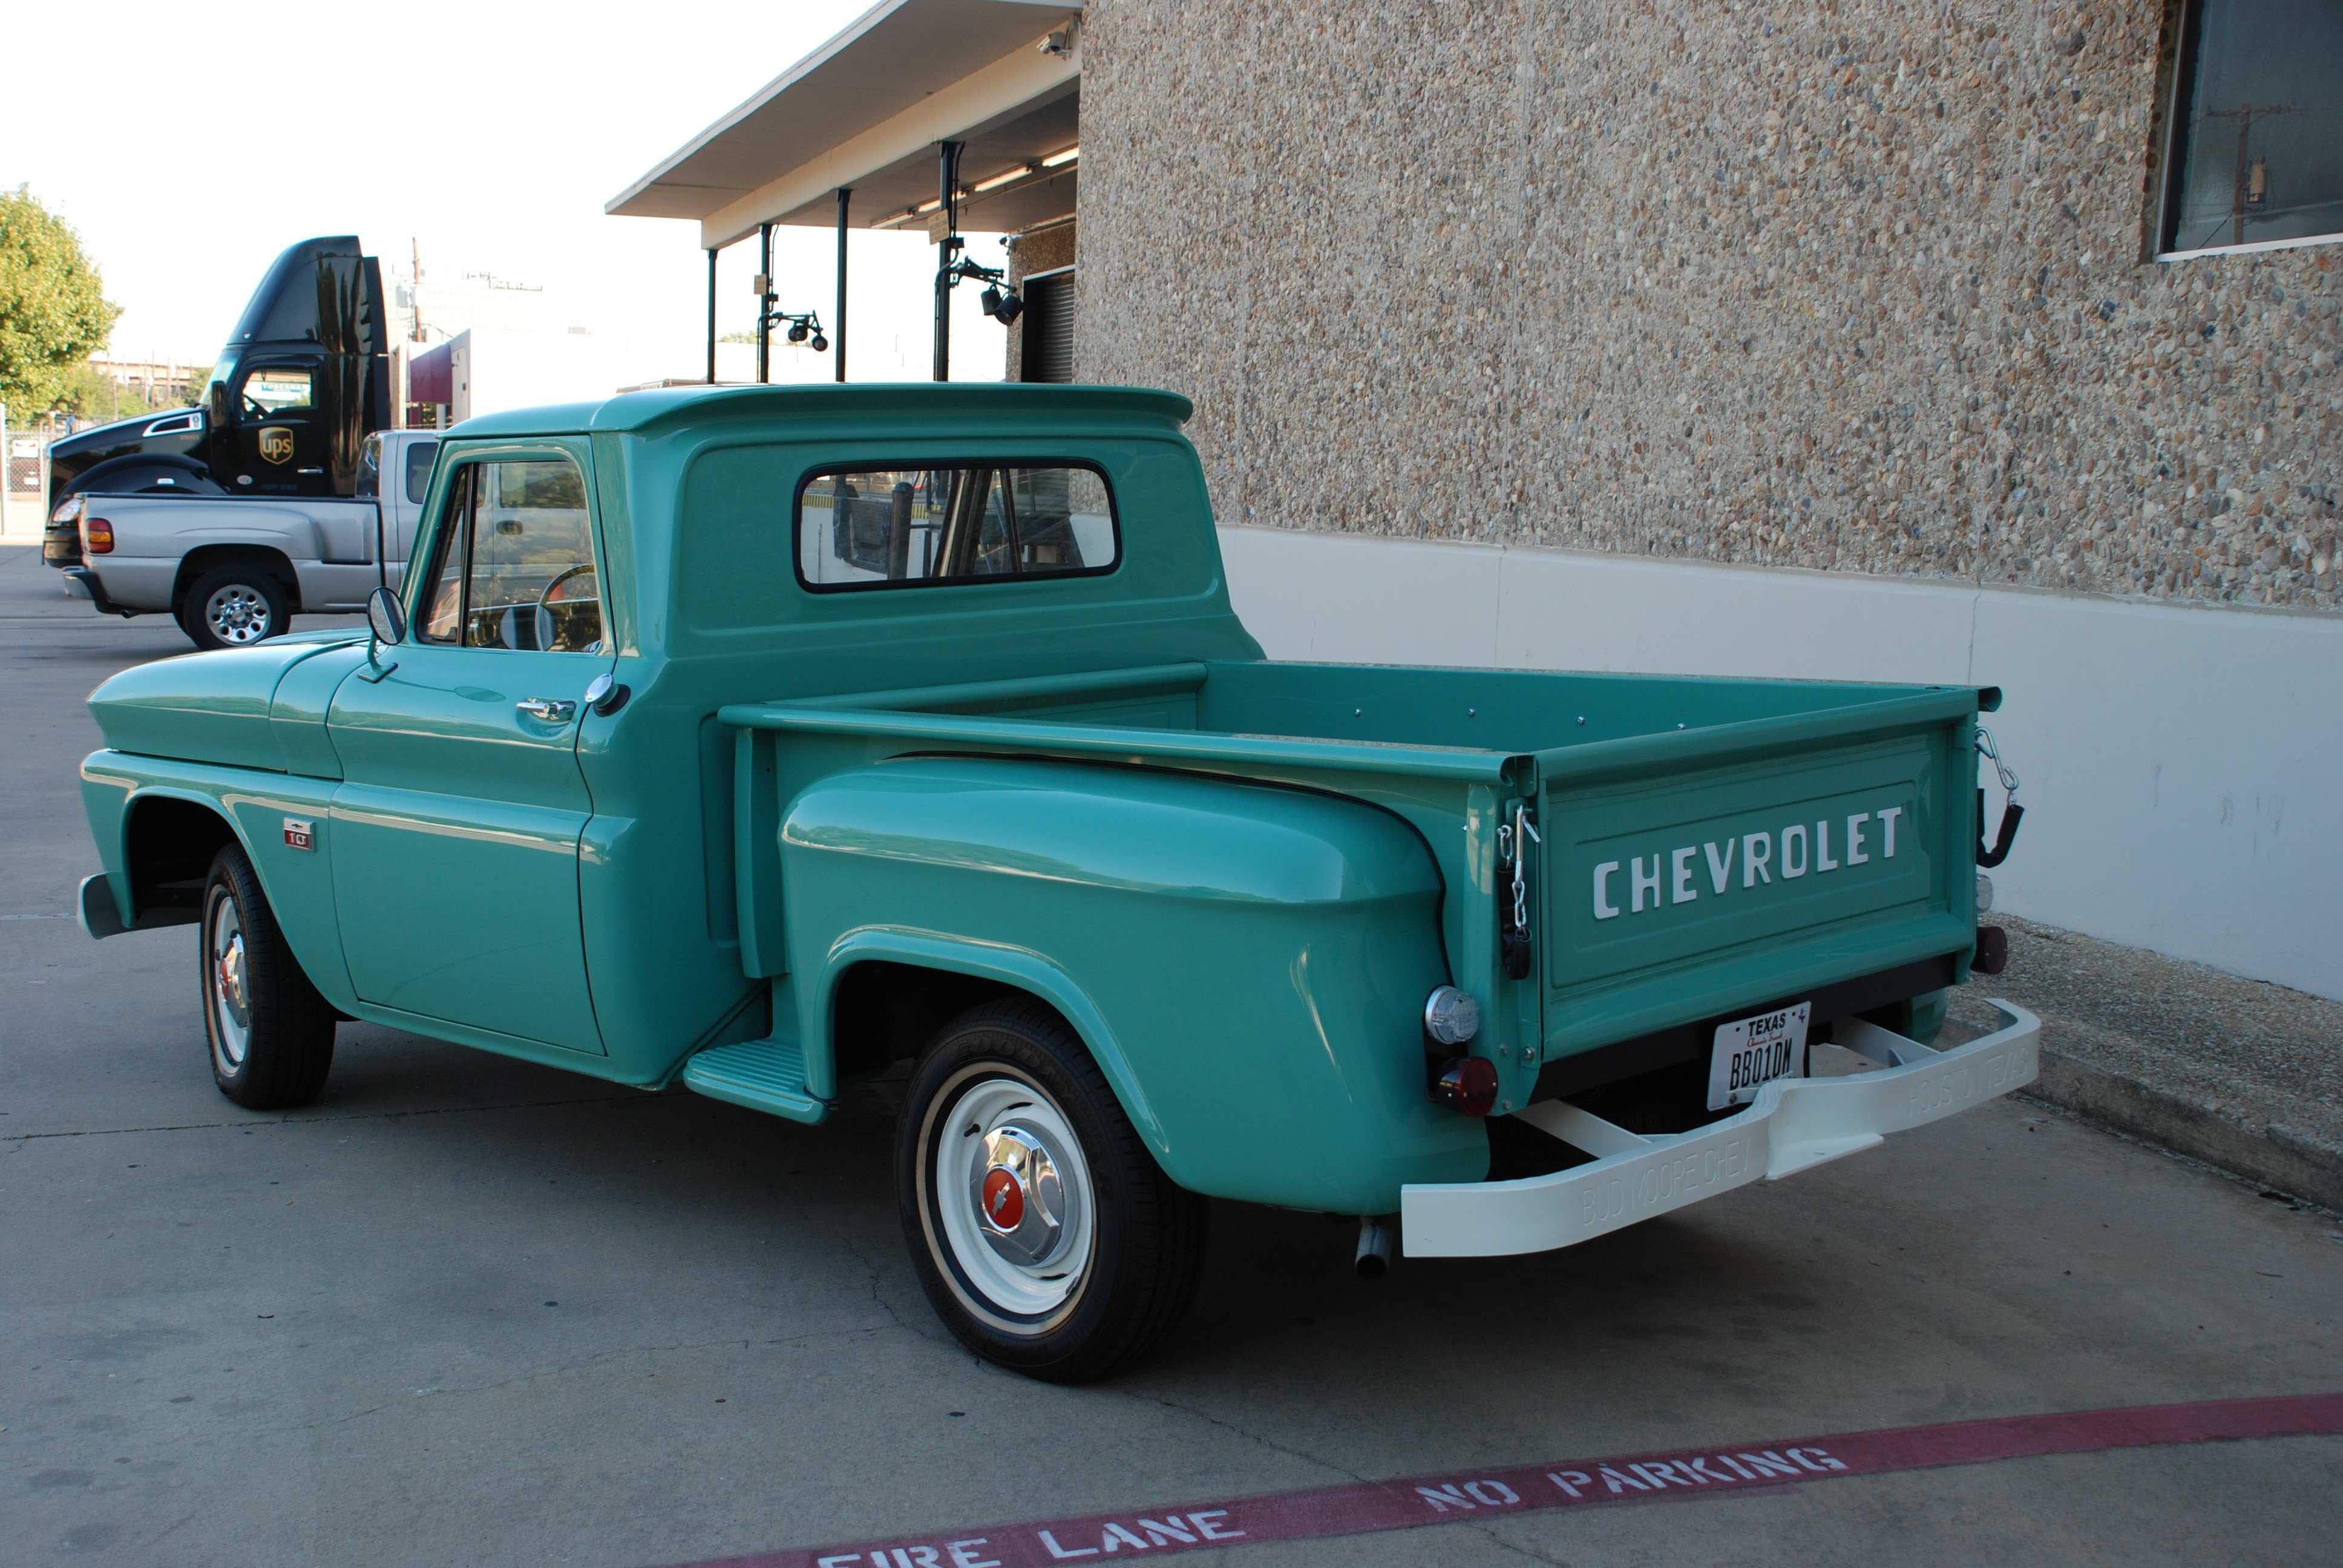 1966 Chevrolet C K Trucks For Sale In C1446s184588 Pickup Truck